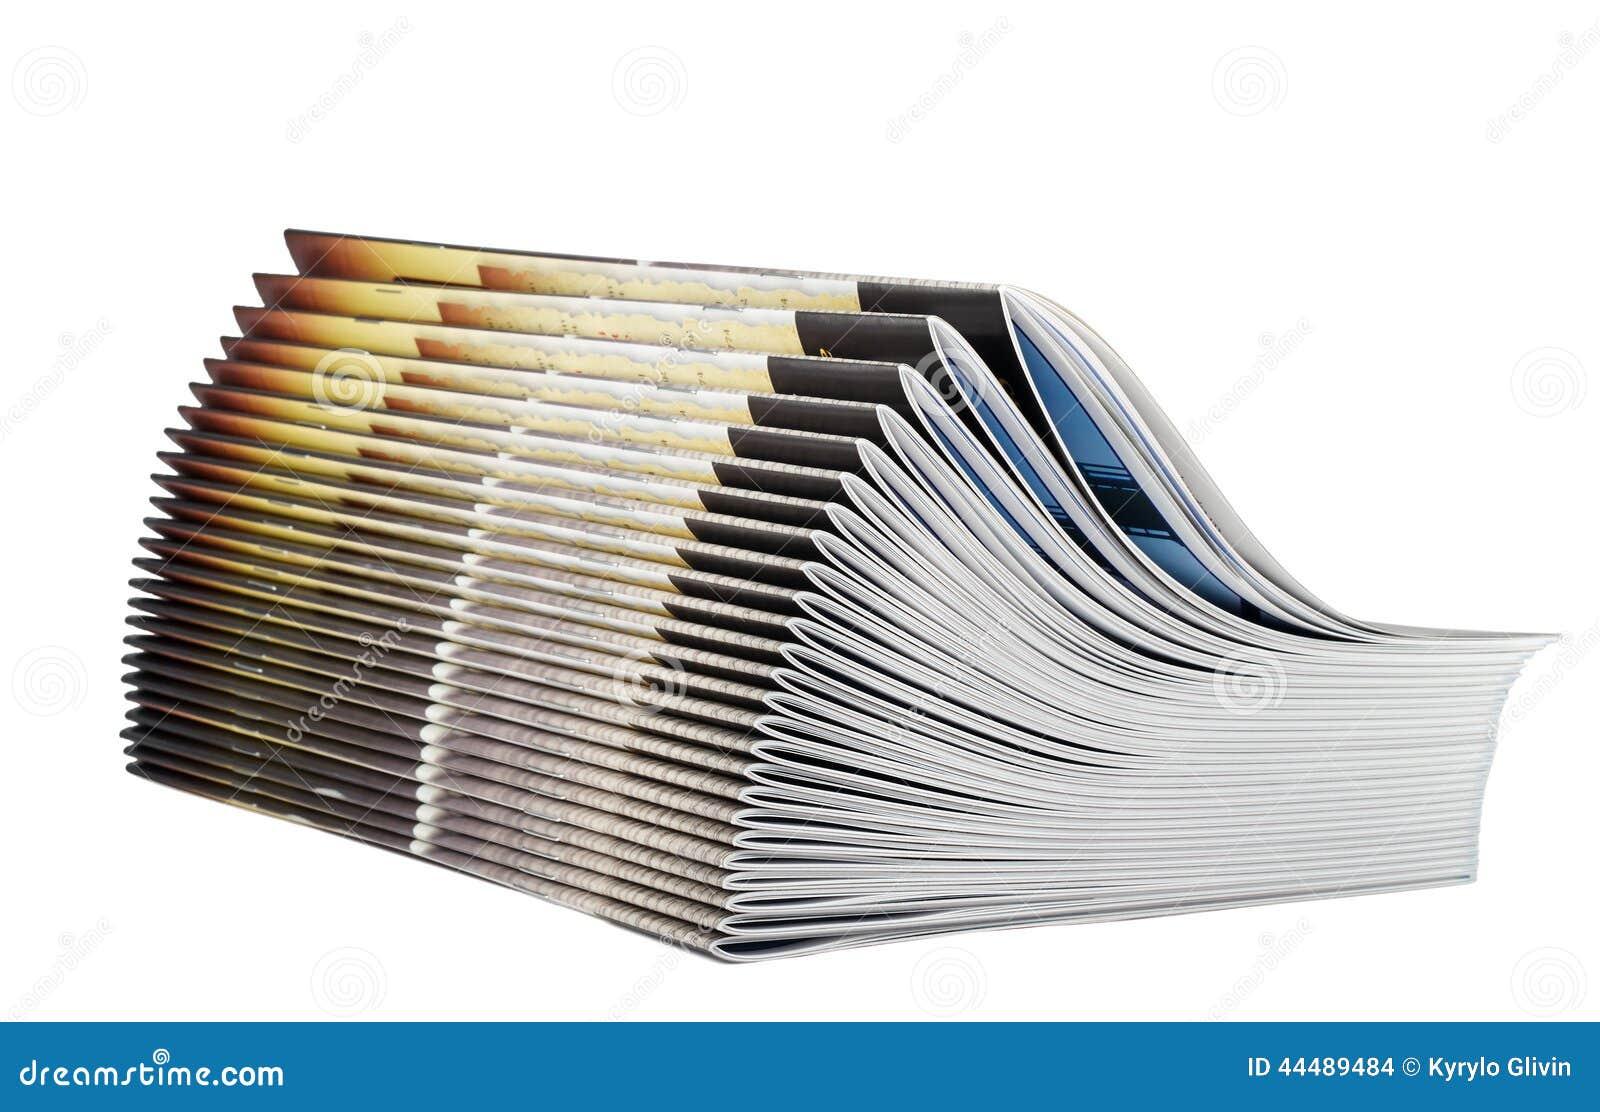 Magazine word background stock photography image 12291482 -  21 Pile Of Magazines Isolated On White Background Stock Photo Image